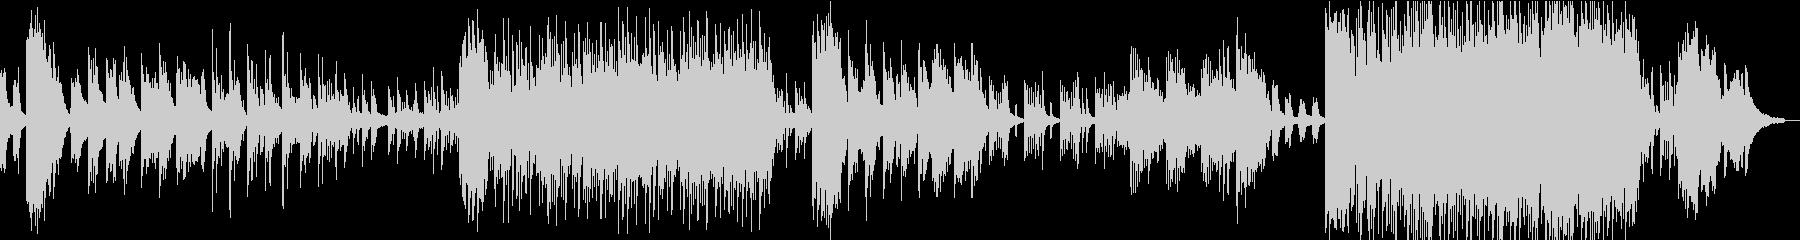 蛍 花火 ノスタルジックなピアノBGMの未再生の波形